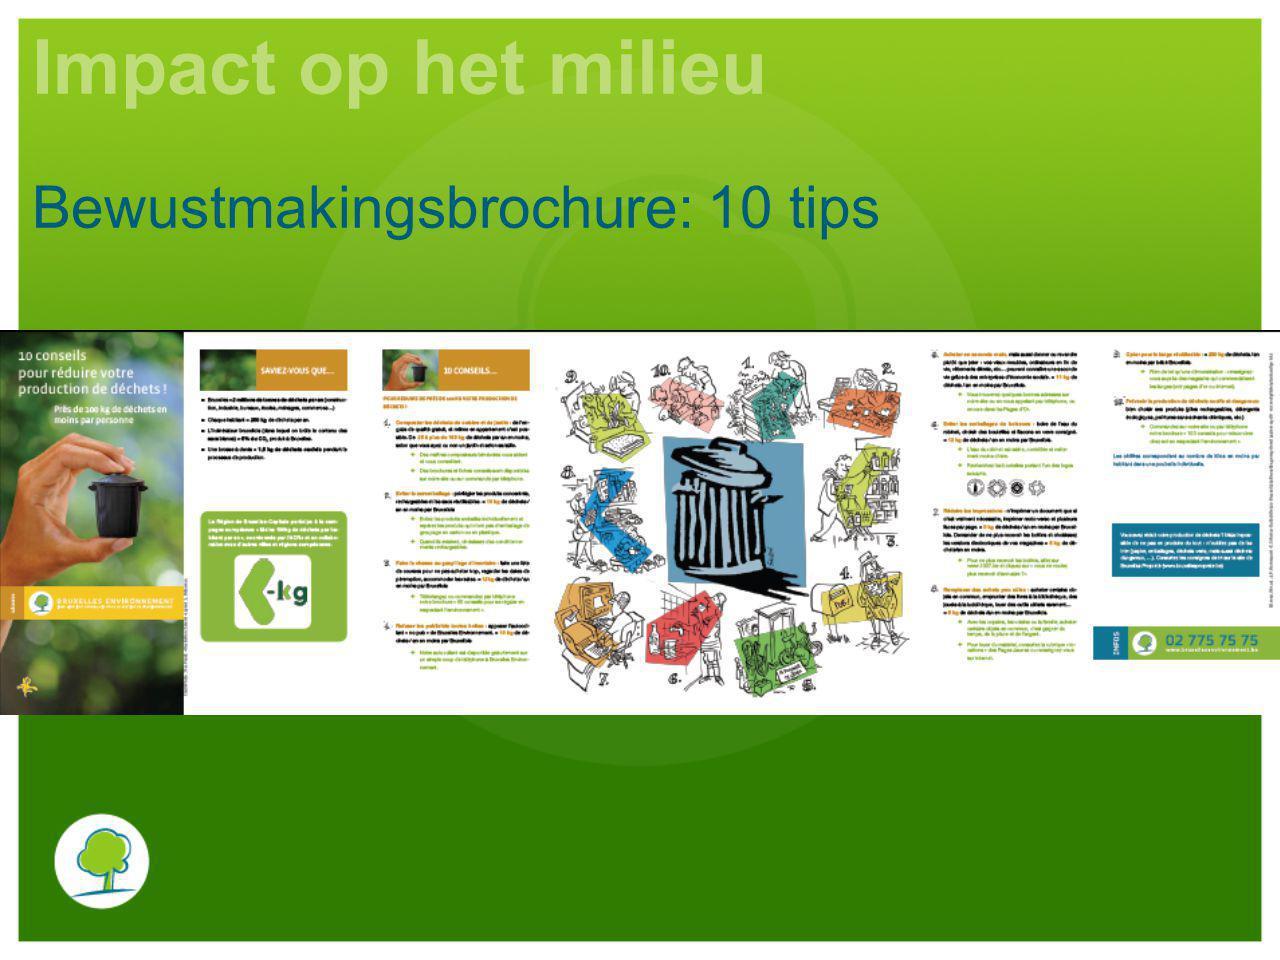 Impact op het milieu Bewustmakingsbrochure: 10 tips